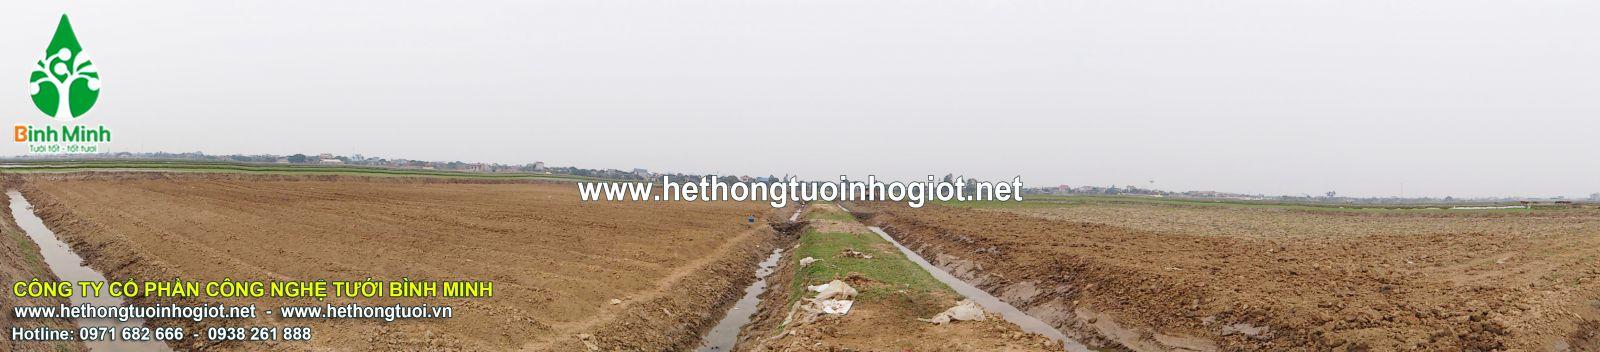 Dự án 5 ha cây nông nghiệp sở KHCN tỉnh Ninh Binh